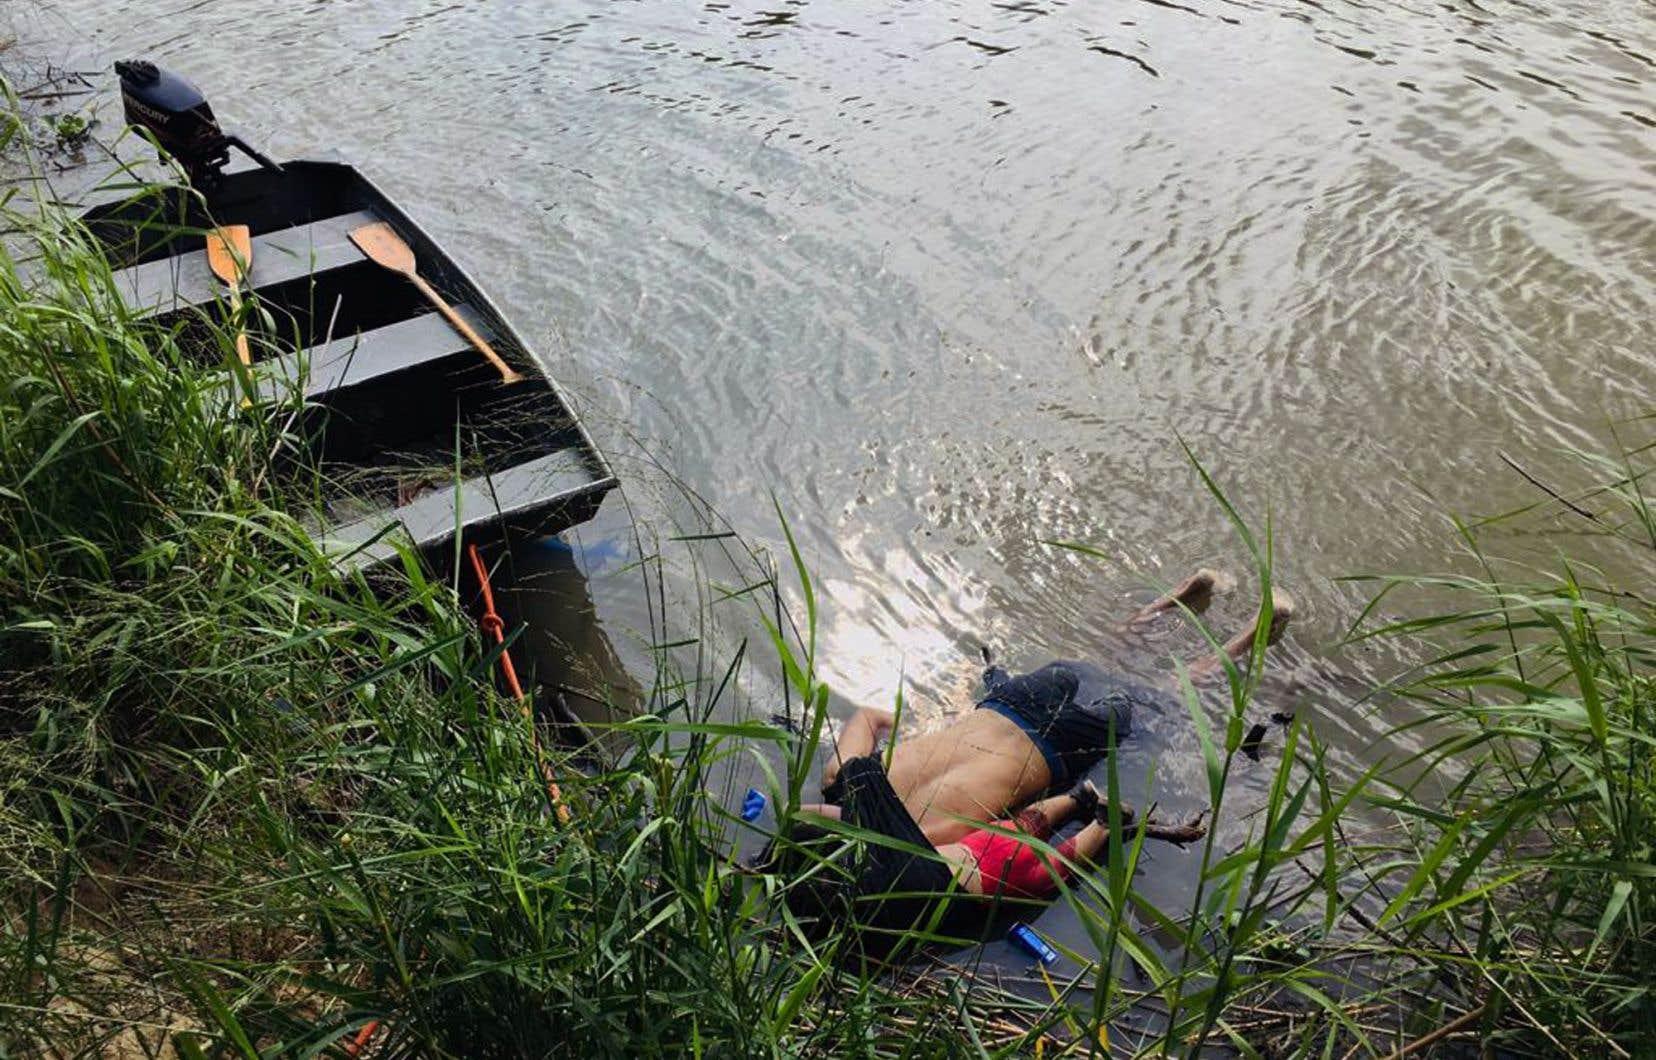 Les photographies des deux cadavres flottant sur le ventre sur la rive mexicaine du fleuve ont fortement choqué l'opinion publique au Salvador et au Mexique.